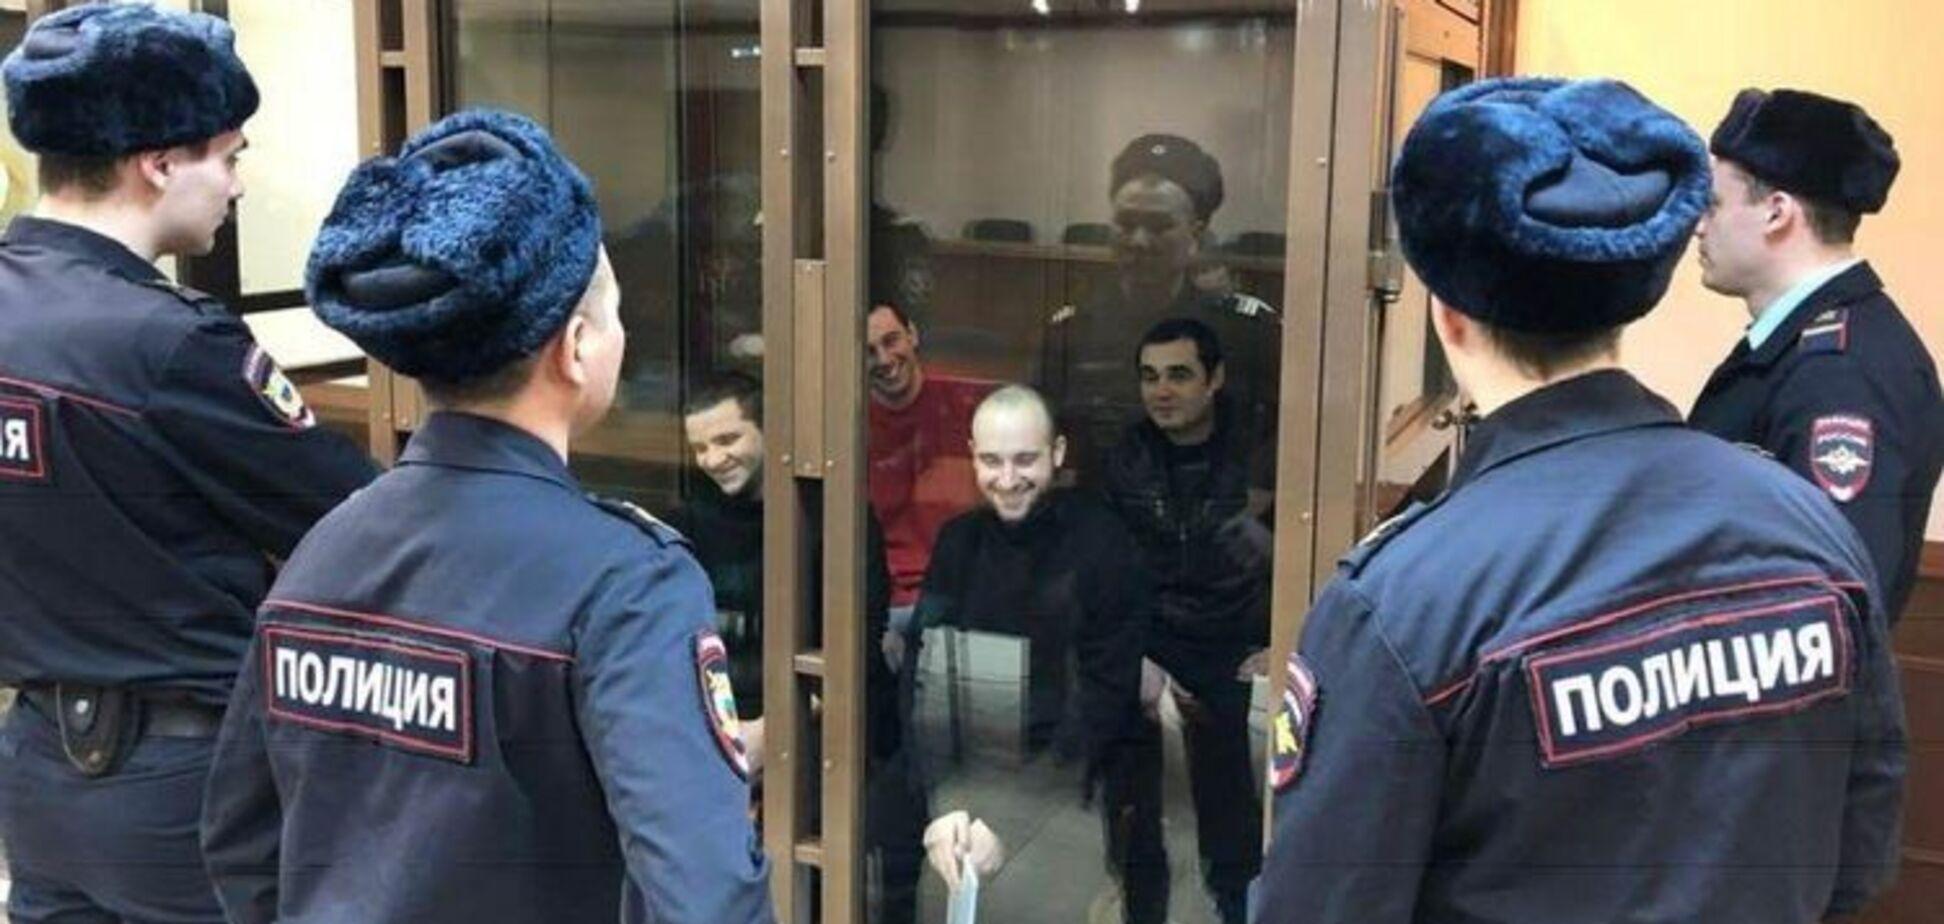 Обмен заключенными: в России объяснили, почему затягивается процесс